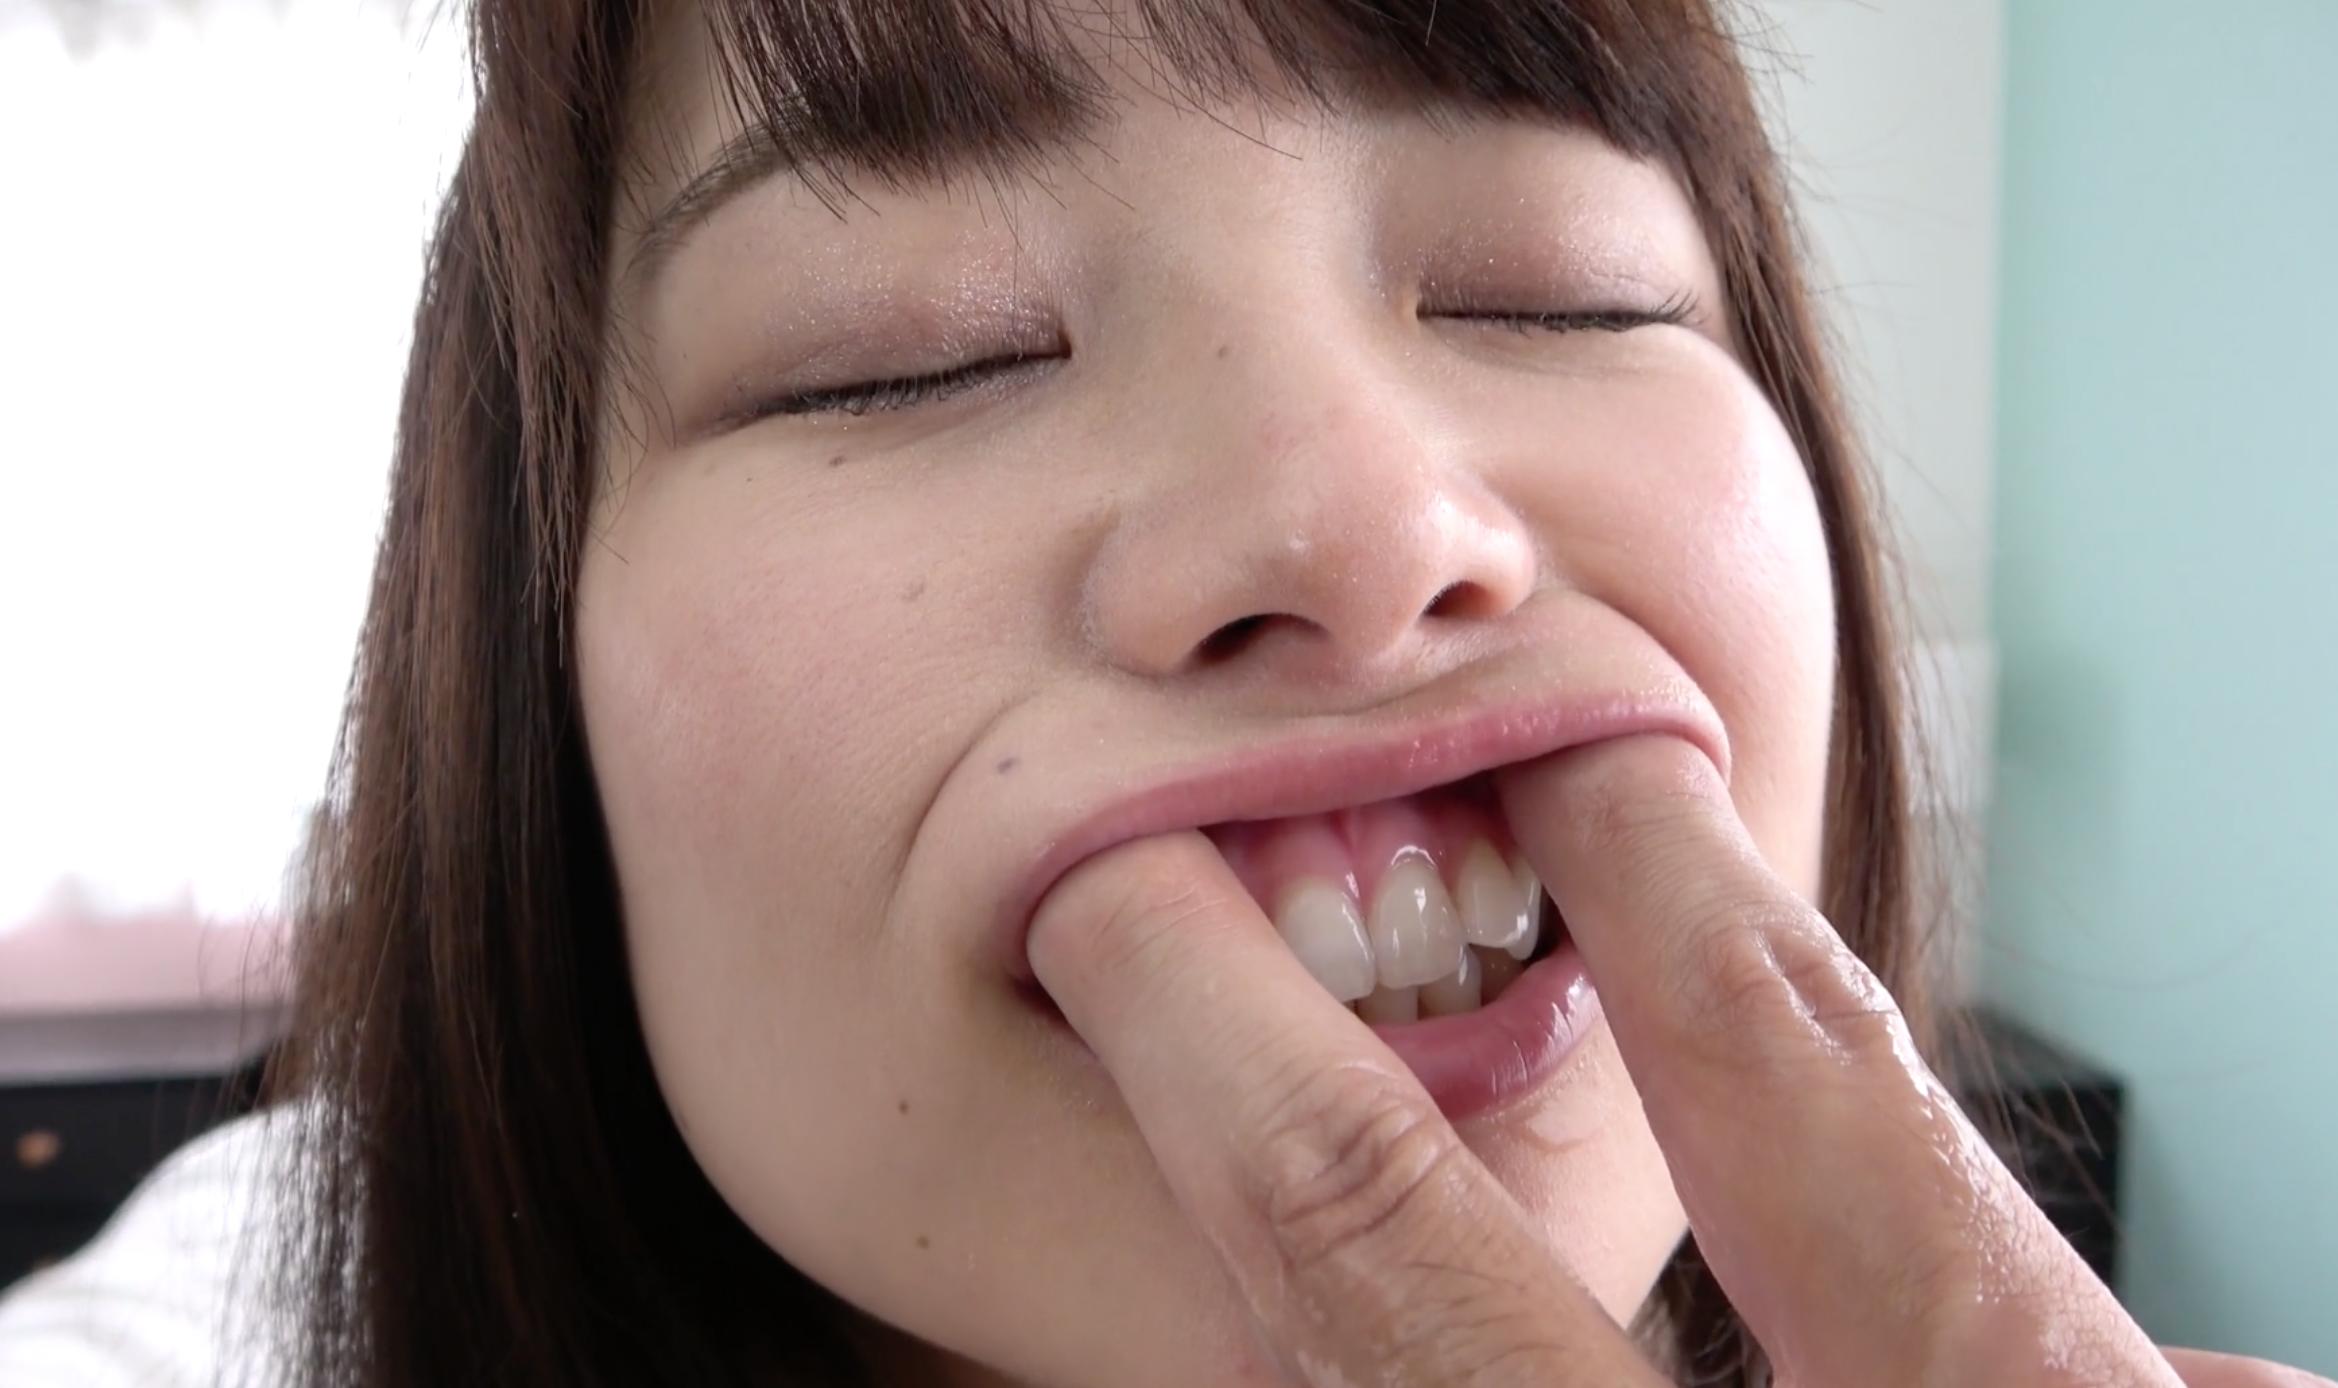 【指フェラ&脇観察】大人気女優 宮沢ちはるチャンの脇観察&指フェラ!